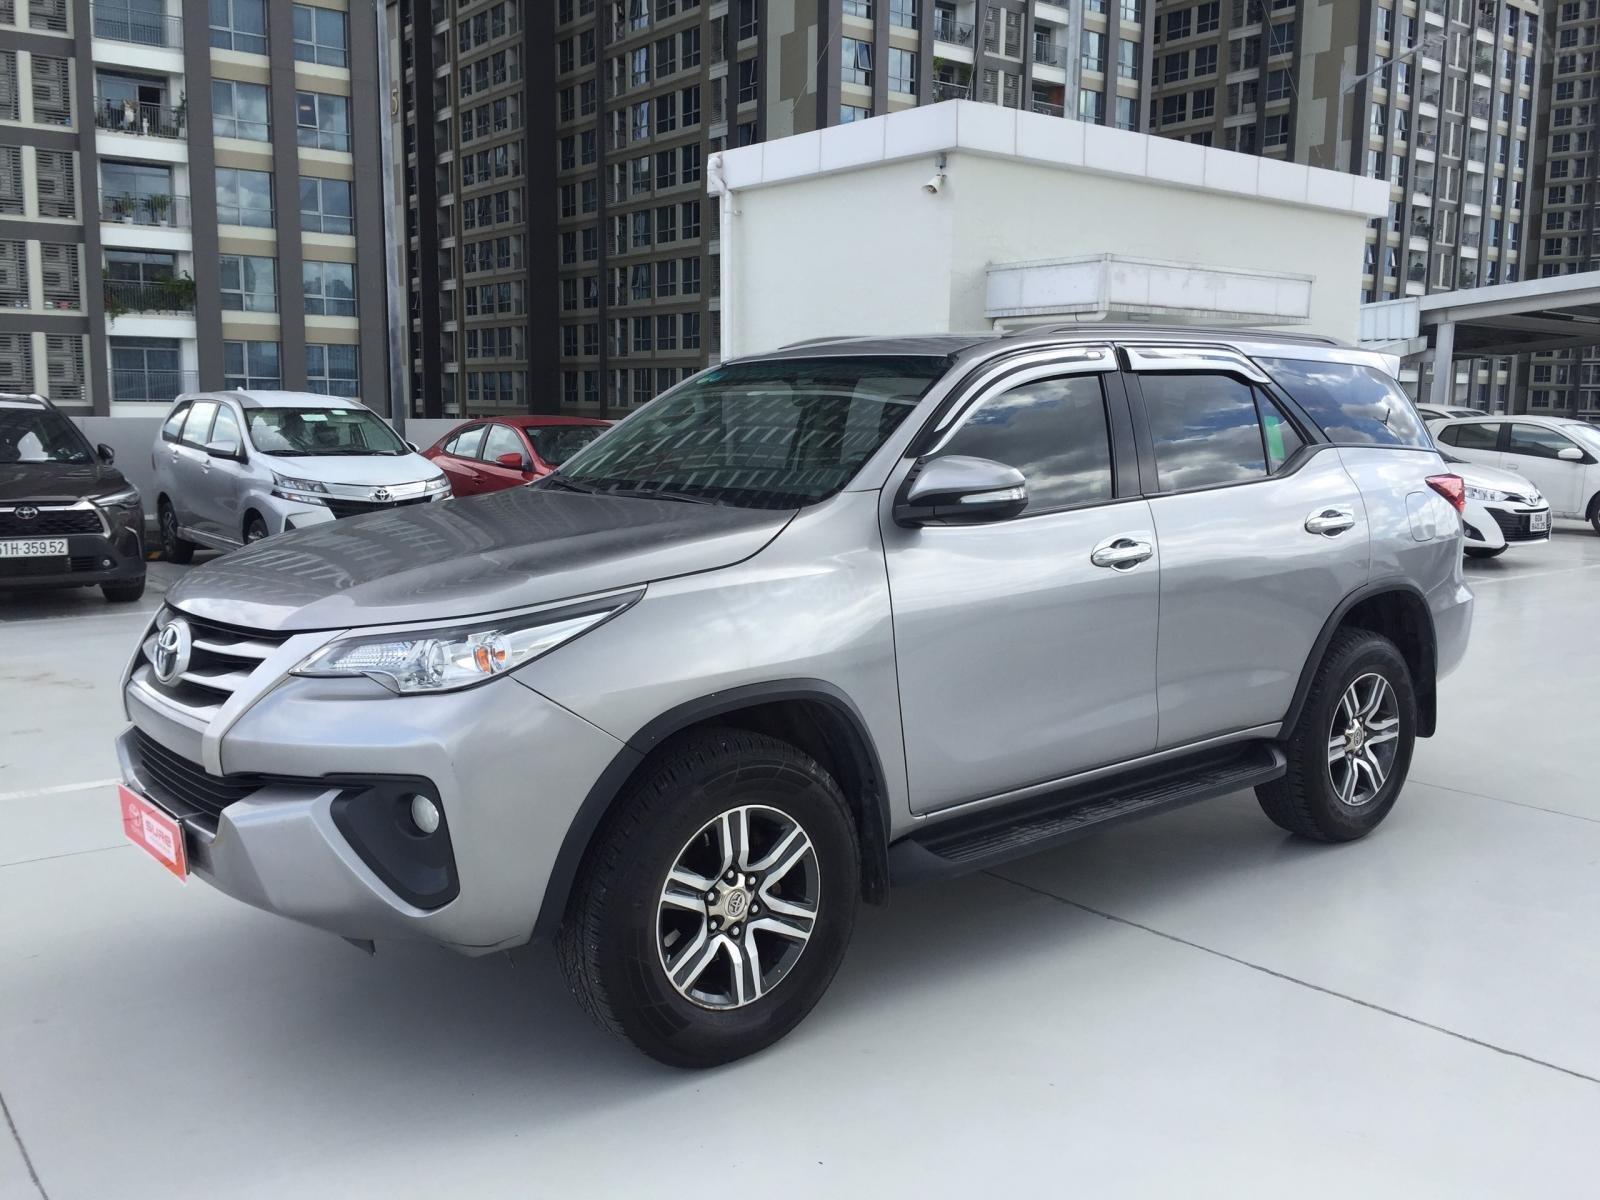 Thanh lý xe Toyota Fortuner 2.4G MT 2017, màu bạc xe đi được 79.000km - Xe chất giá tốt (2)